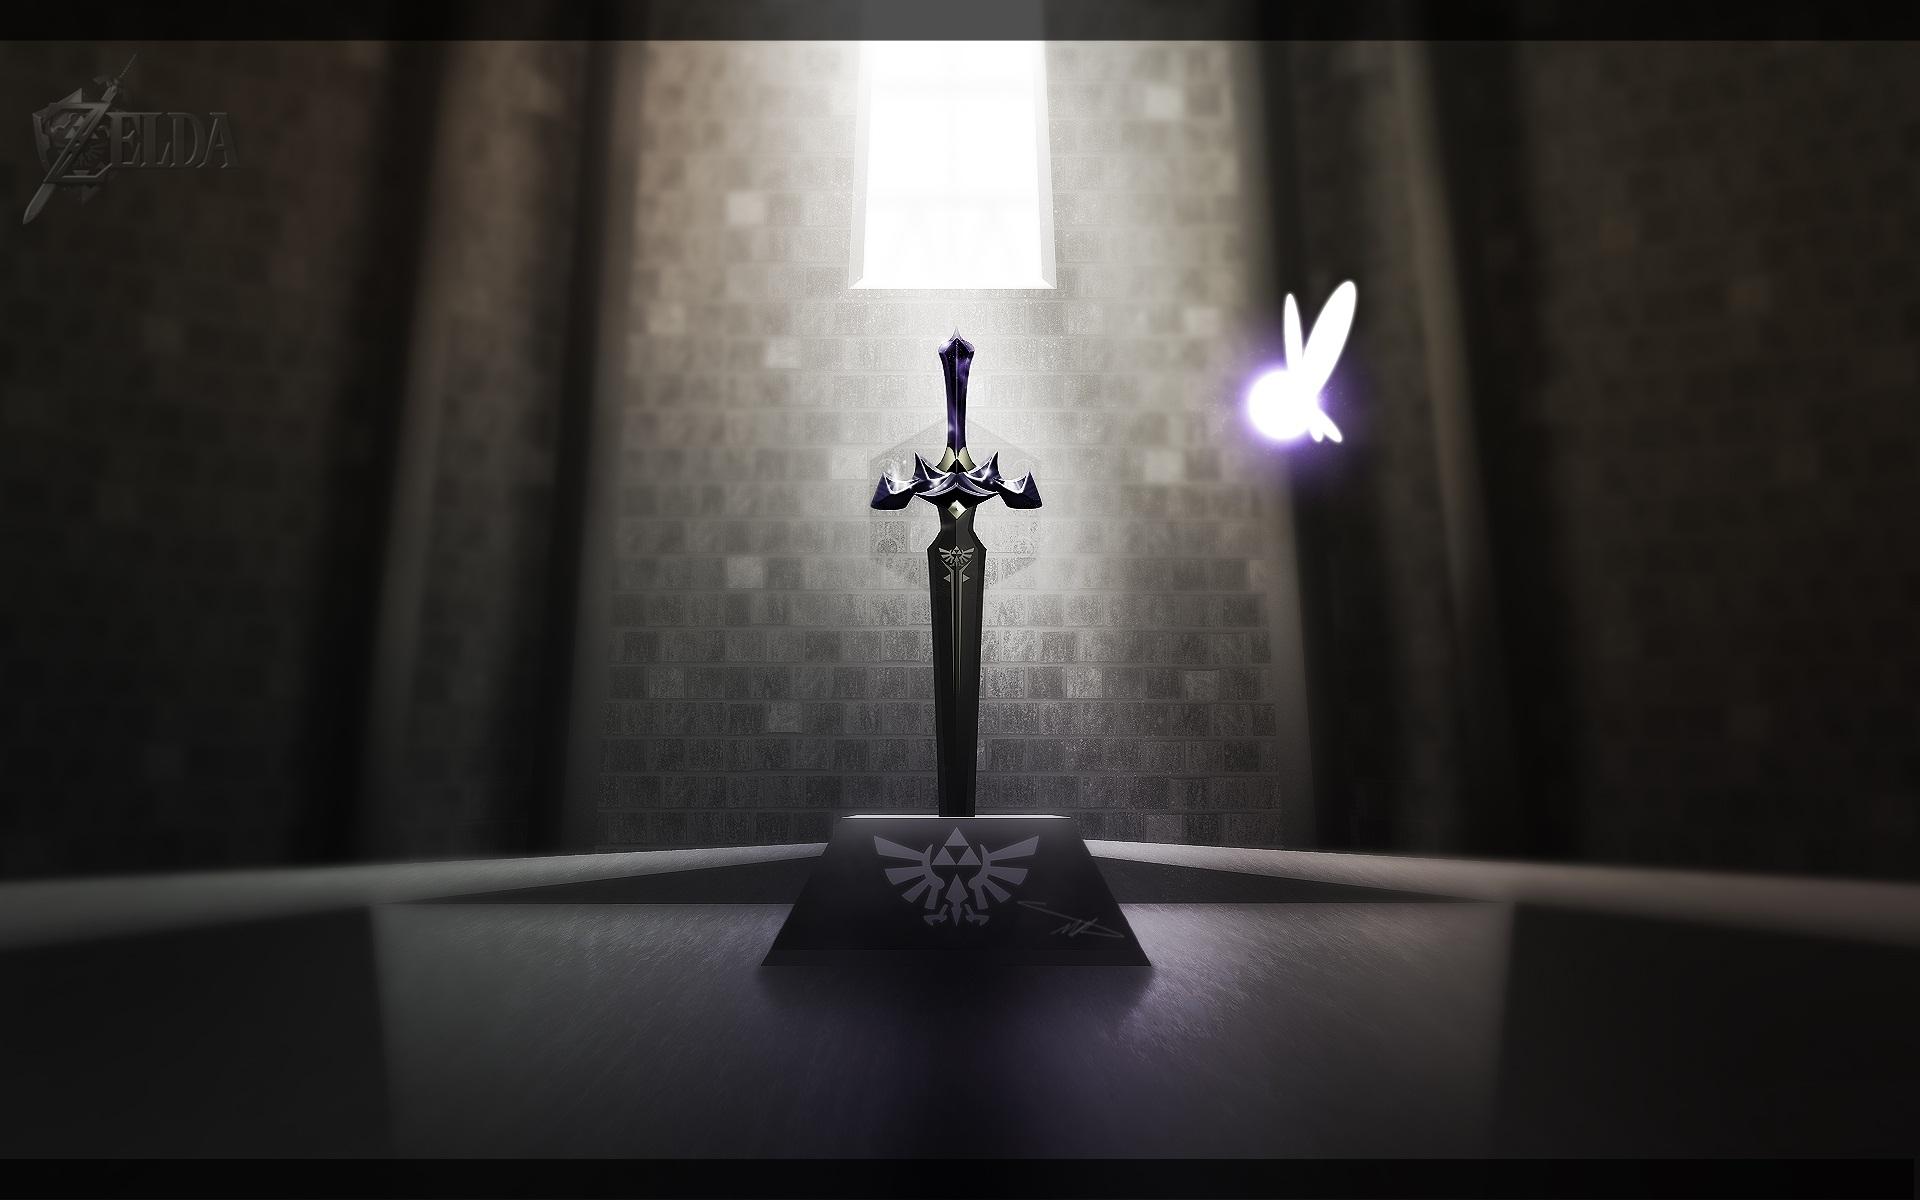 zelda___master_sword_by_mthidell-d5h5al4